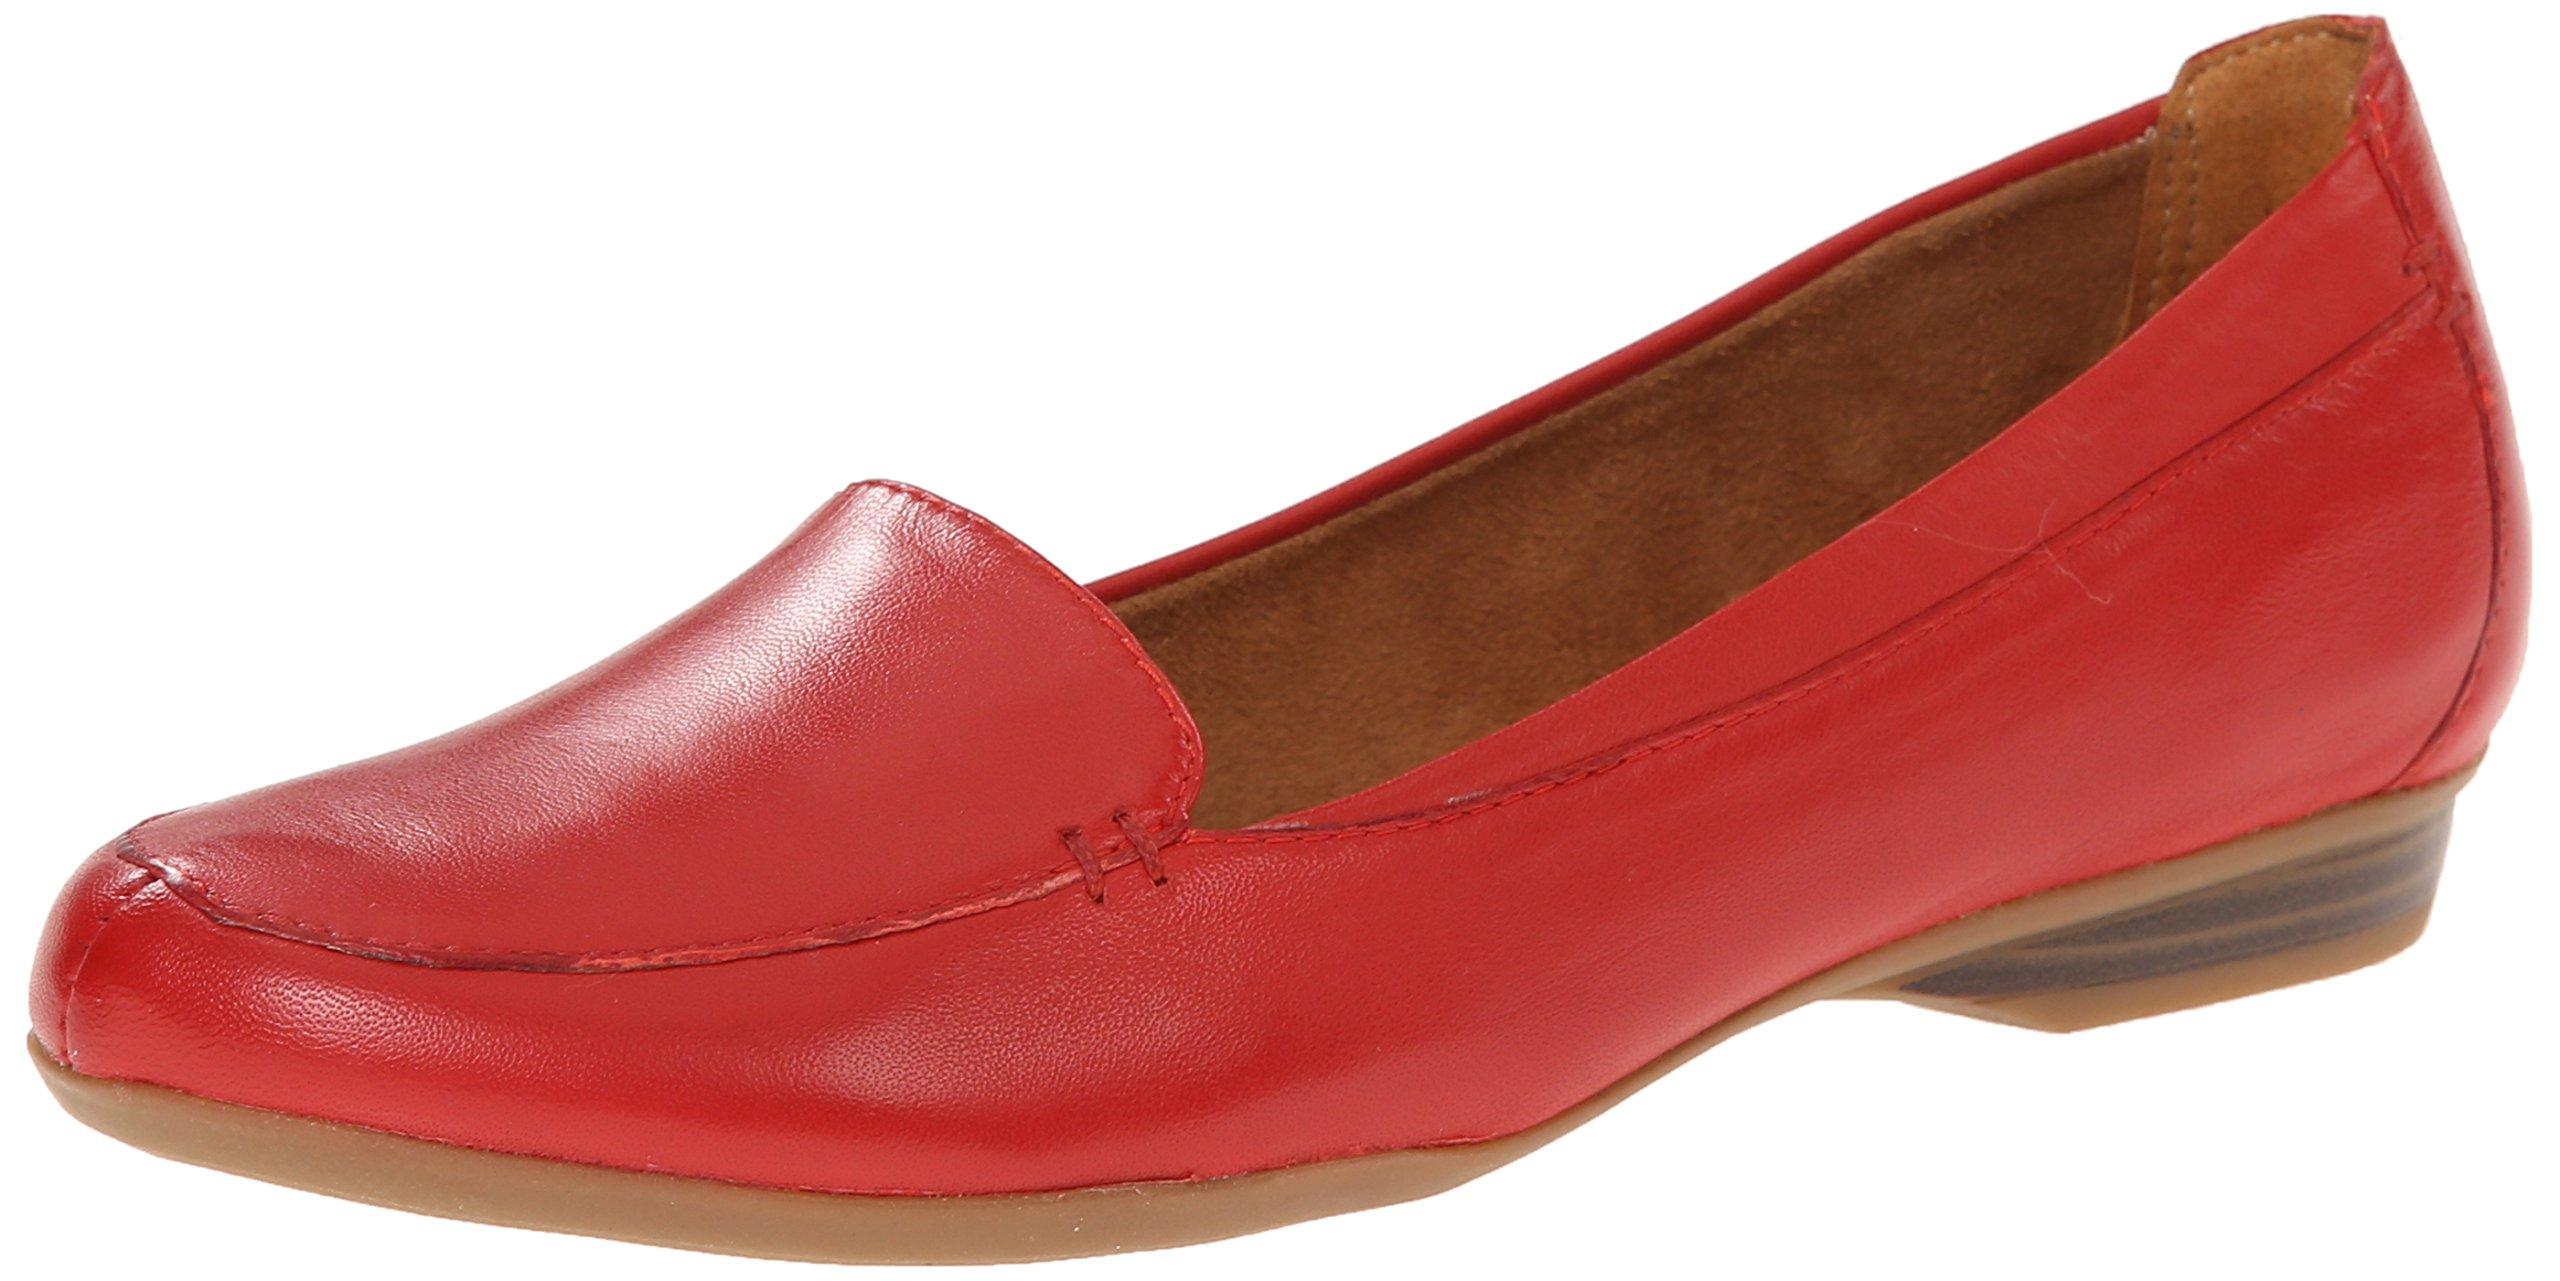 Naturalizer Women's Saban Slip-On Loafer, Red, 7.5 M US